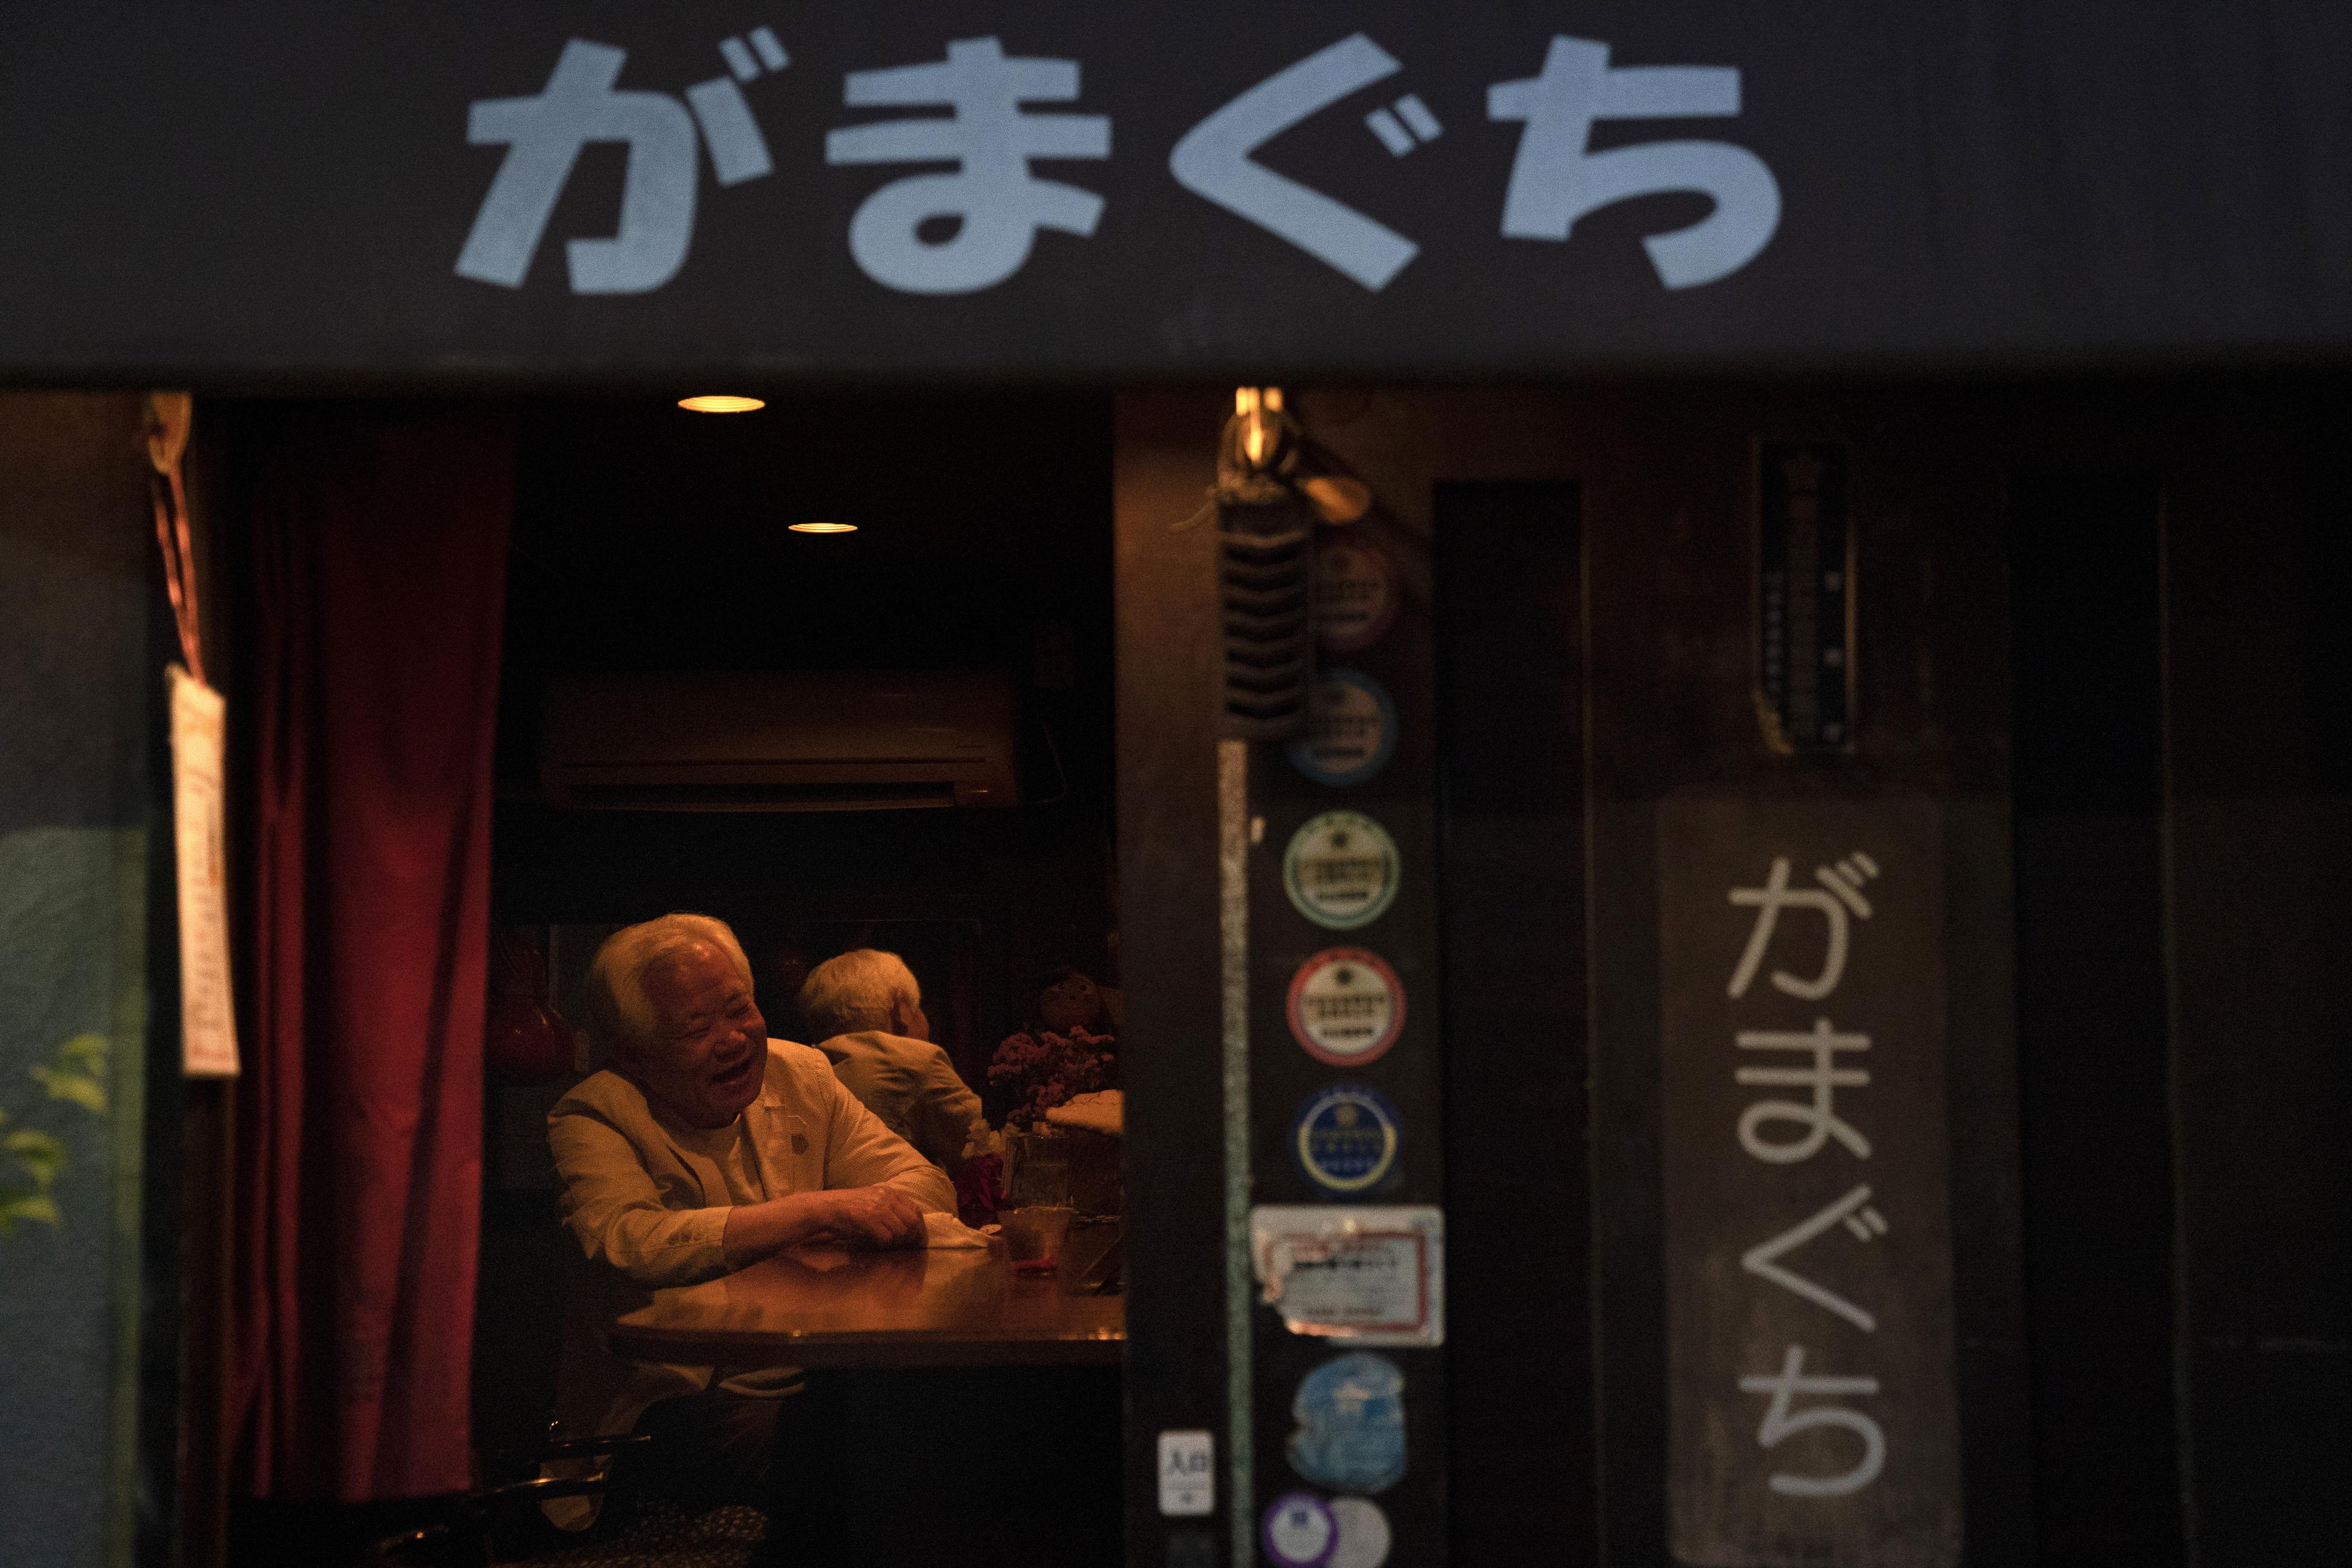 A man shares a laugh with a bartender at a tiny bar Saturday, May 18, 2019, in Shinjuku district in Tokyo. (AP Photo/Jae C. Hong)